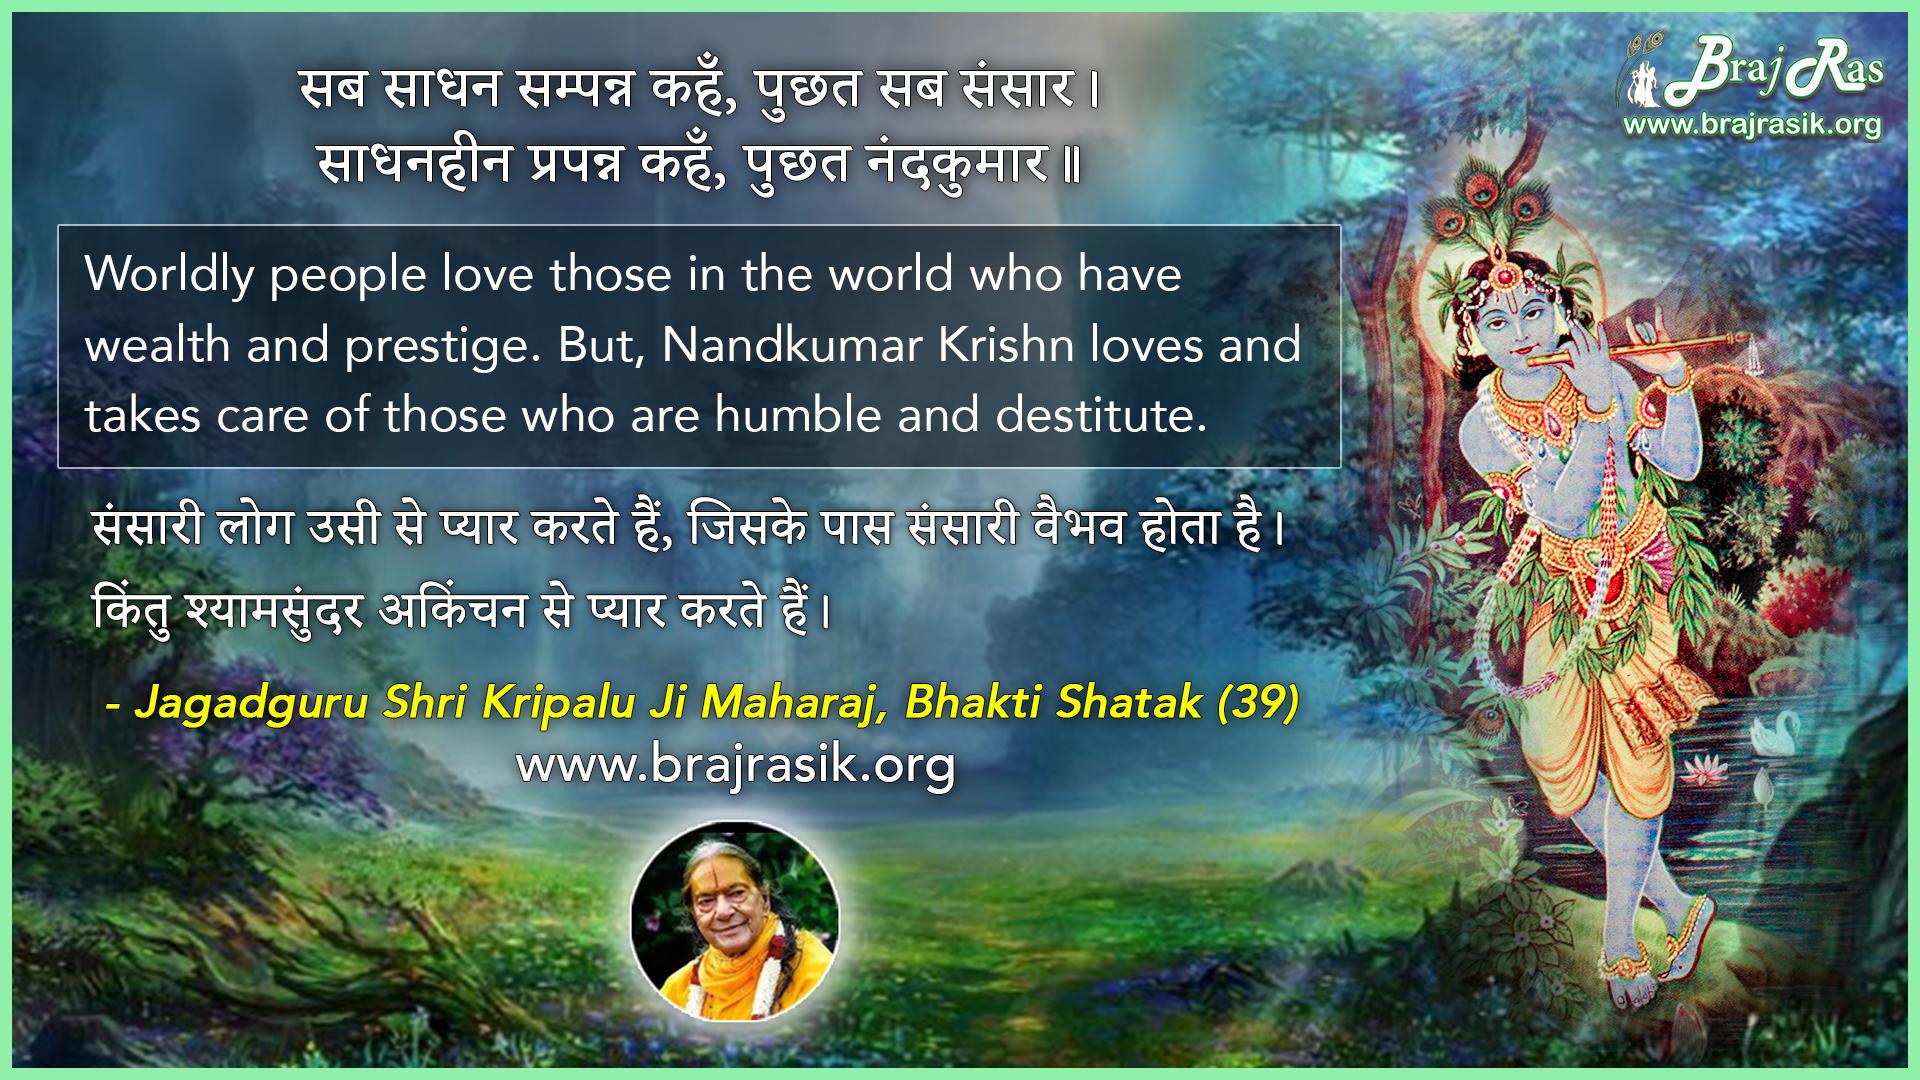 Sab sadhan sampann kahn, poochat sab sansar - Jagadguru Shri Kripalu Ji Maharaj, Bhakti Shatak (39)